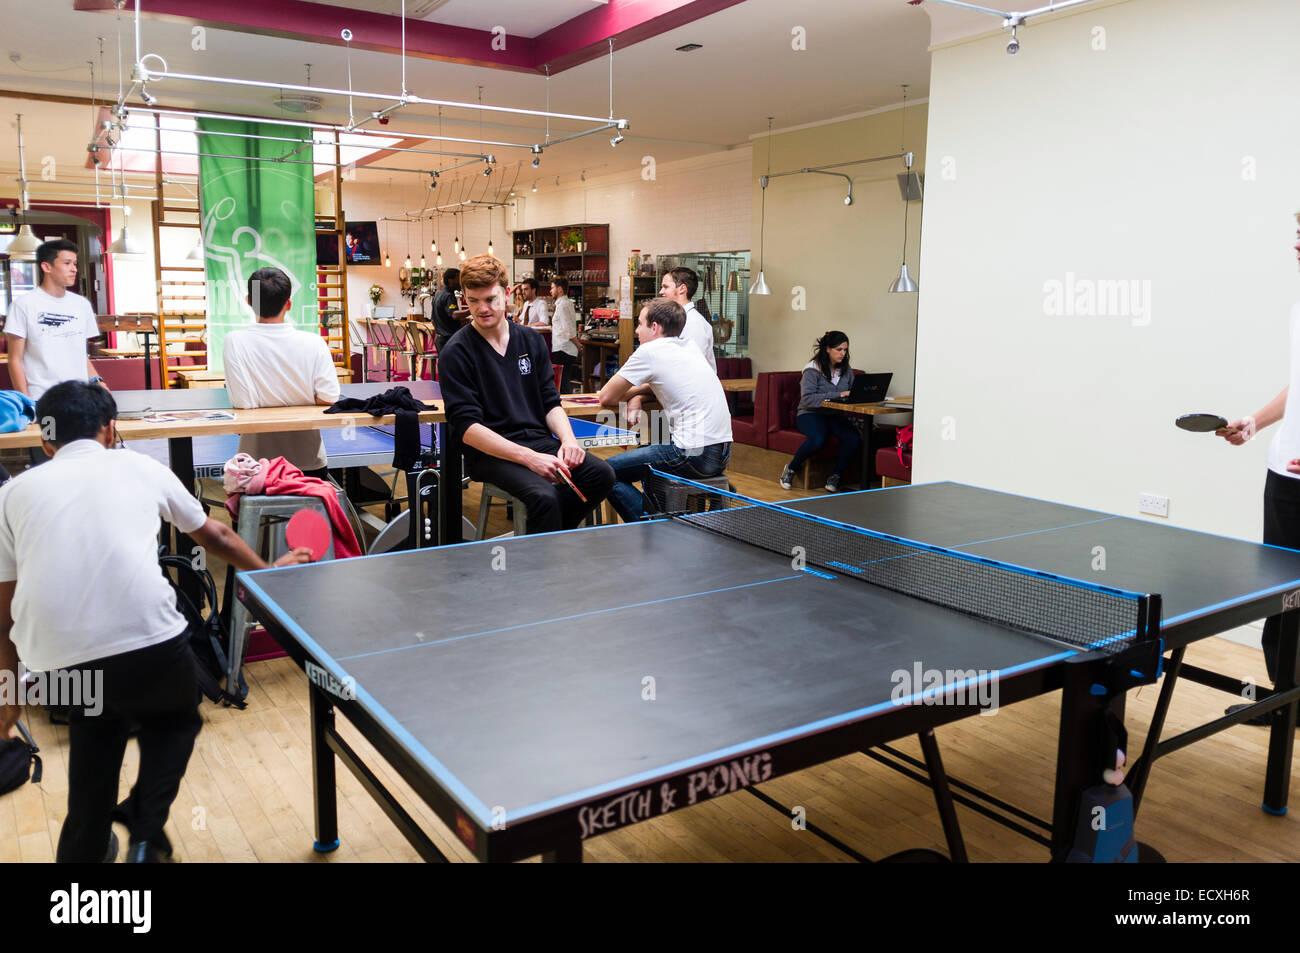 Adolescents jouant au tennis de table dans et après l'école au club 'Wiff Abigaël Bar', Photo Stock